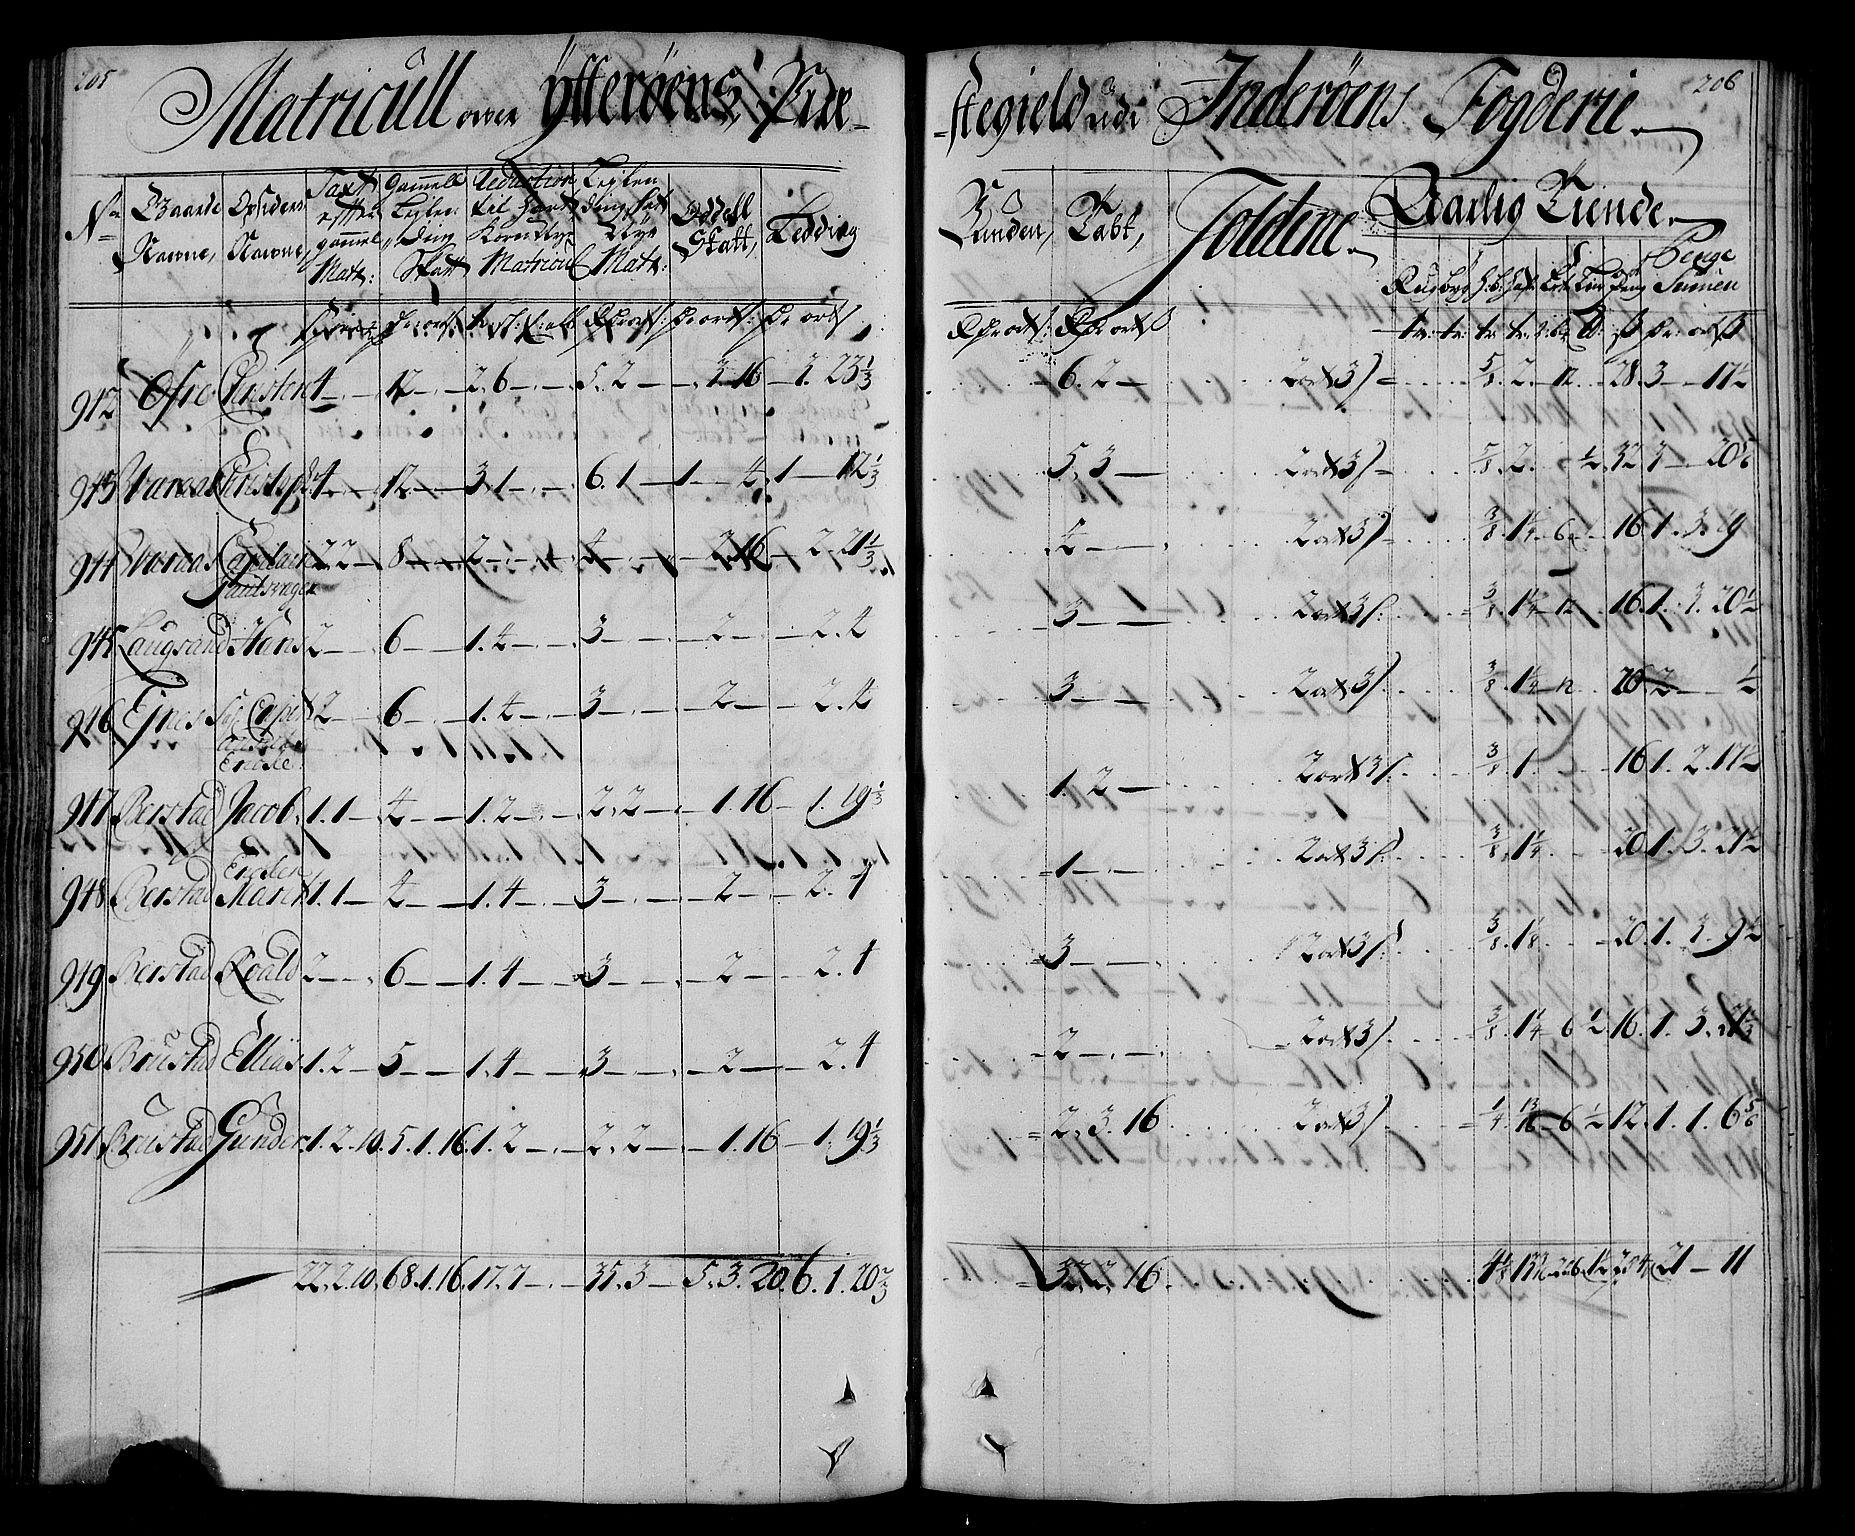 RA, Rentekammeret inntil 1814, Realistisk ordnet avdeling, N/Nb/Nbf/L0167: Inderøy matrikkelprotokoll, 1723, s. 205-206